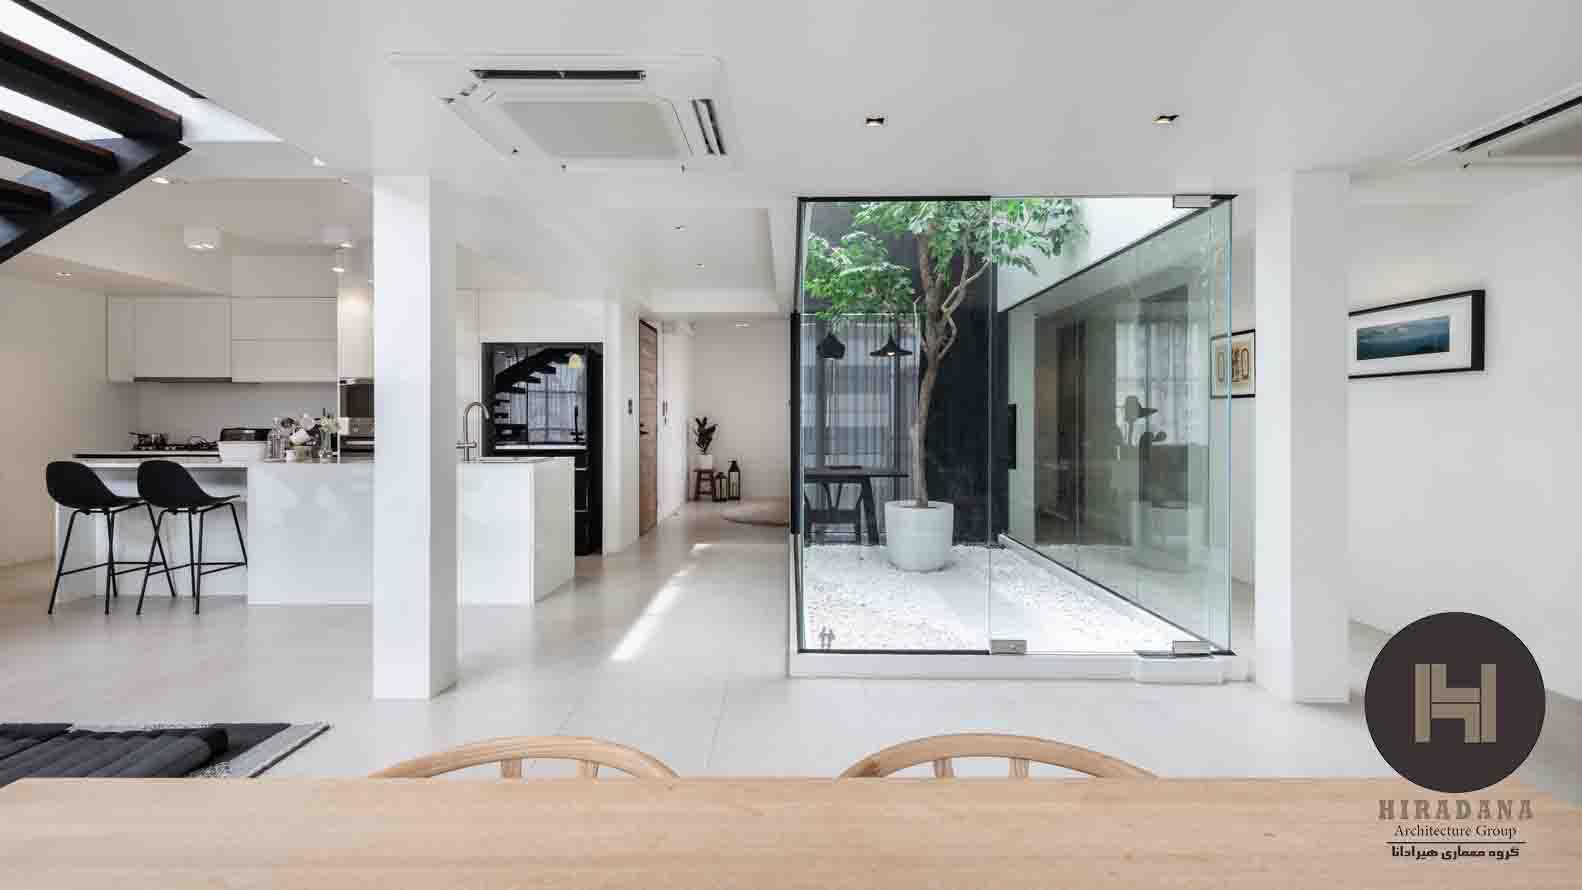 دکوراسیون داخلی آپارتمان به سبک مدرن